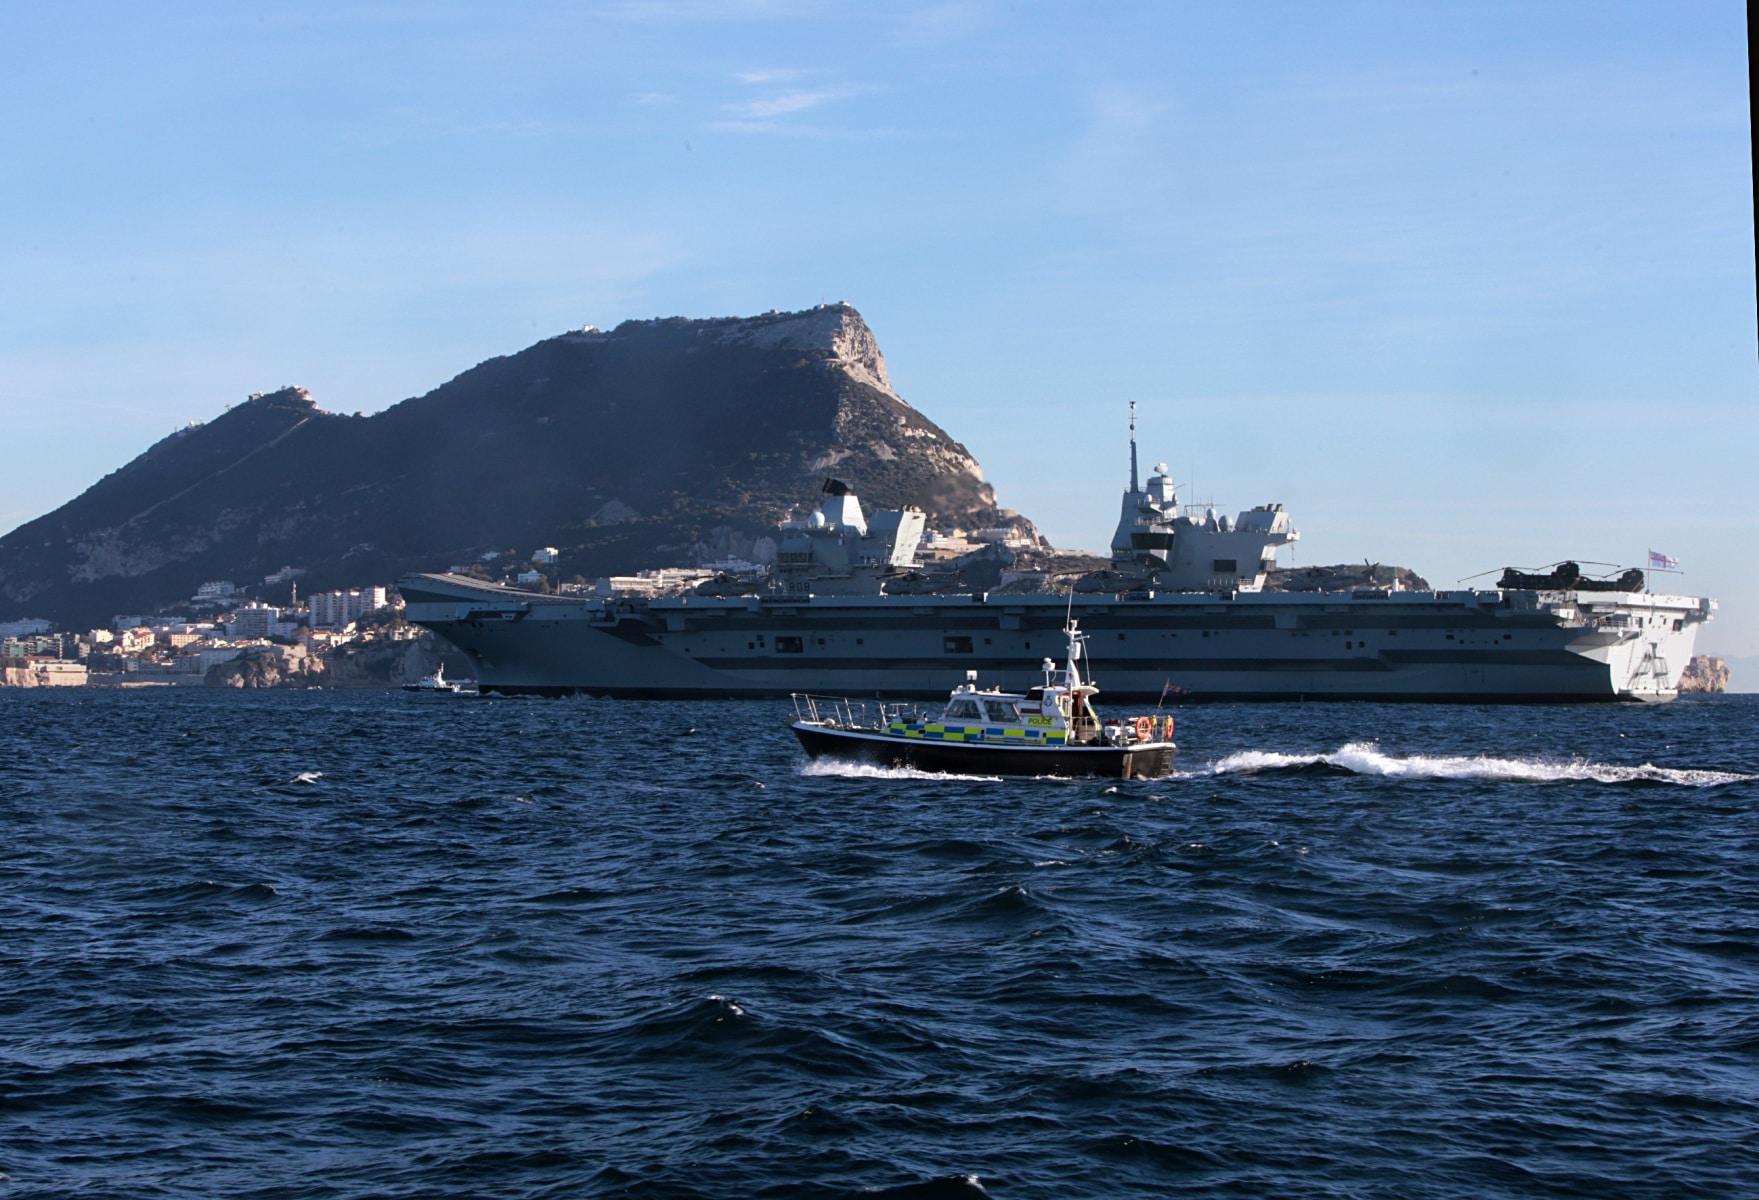 portaaviones-hms-queen-elizabeth-llegando-a-gibraltar-imagen-tomada-desde-uno-de-los-buques-de-apoyo-via-royal-navy-32_39267697245_o